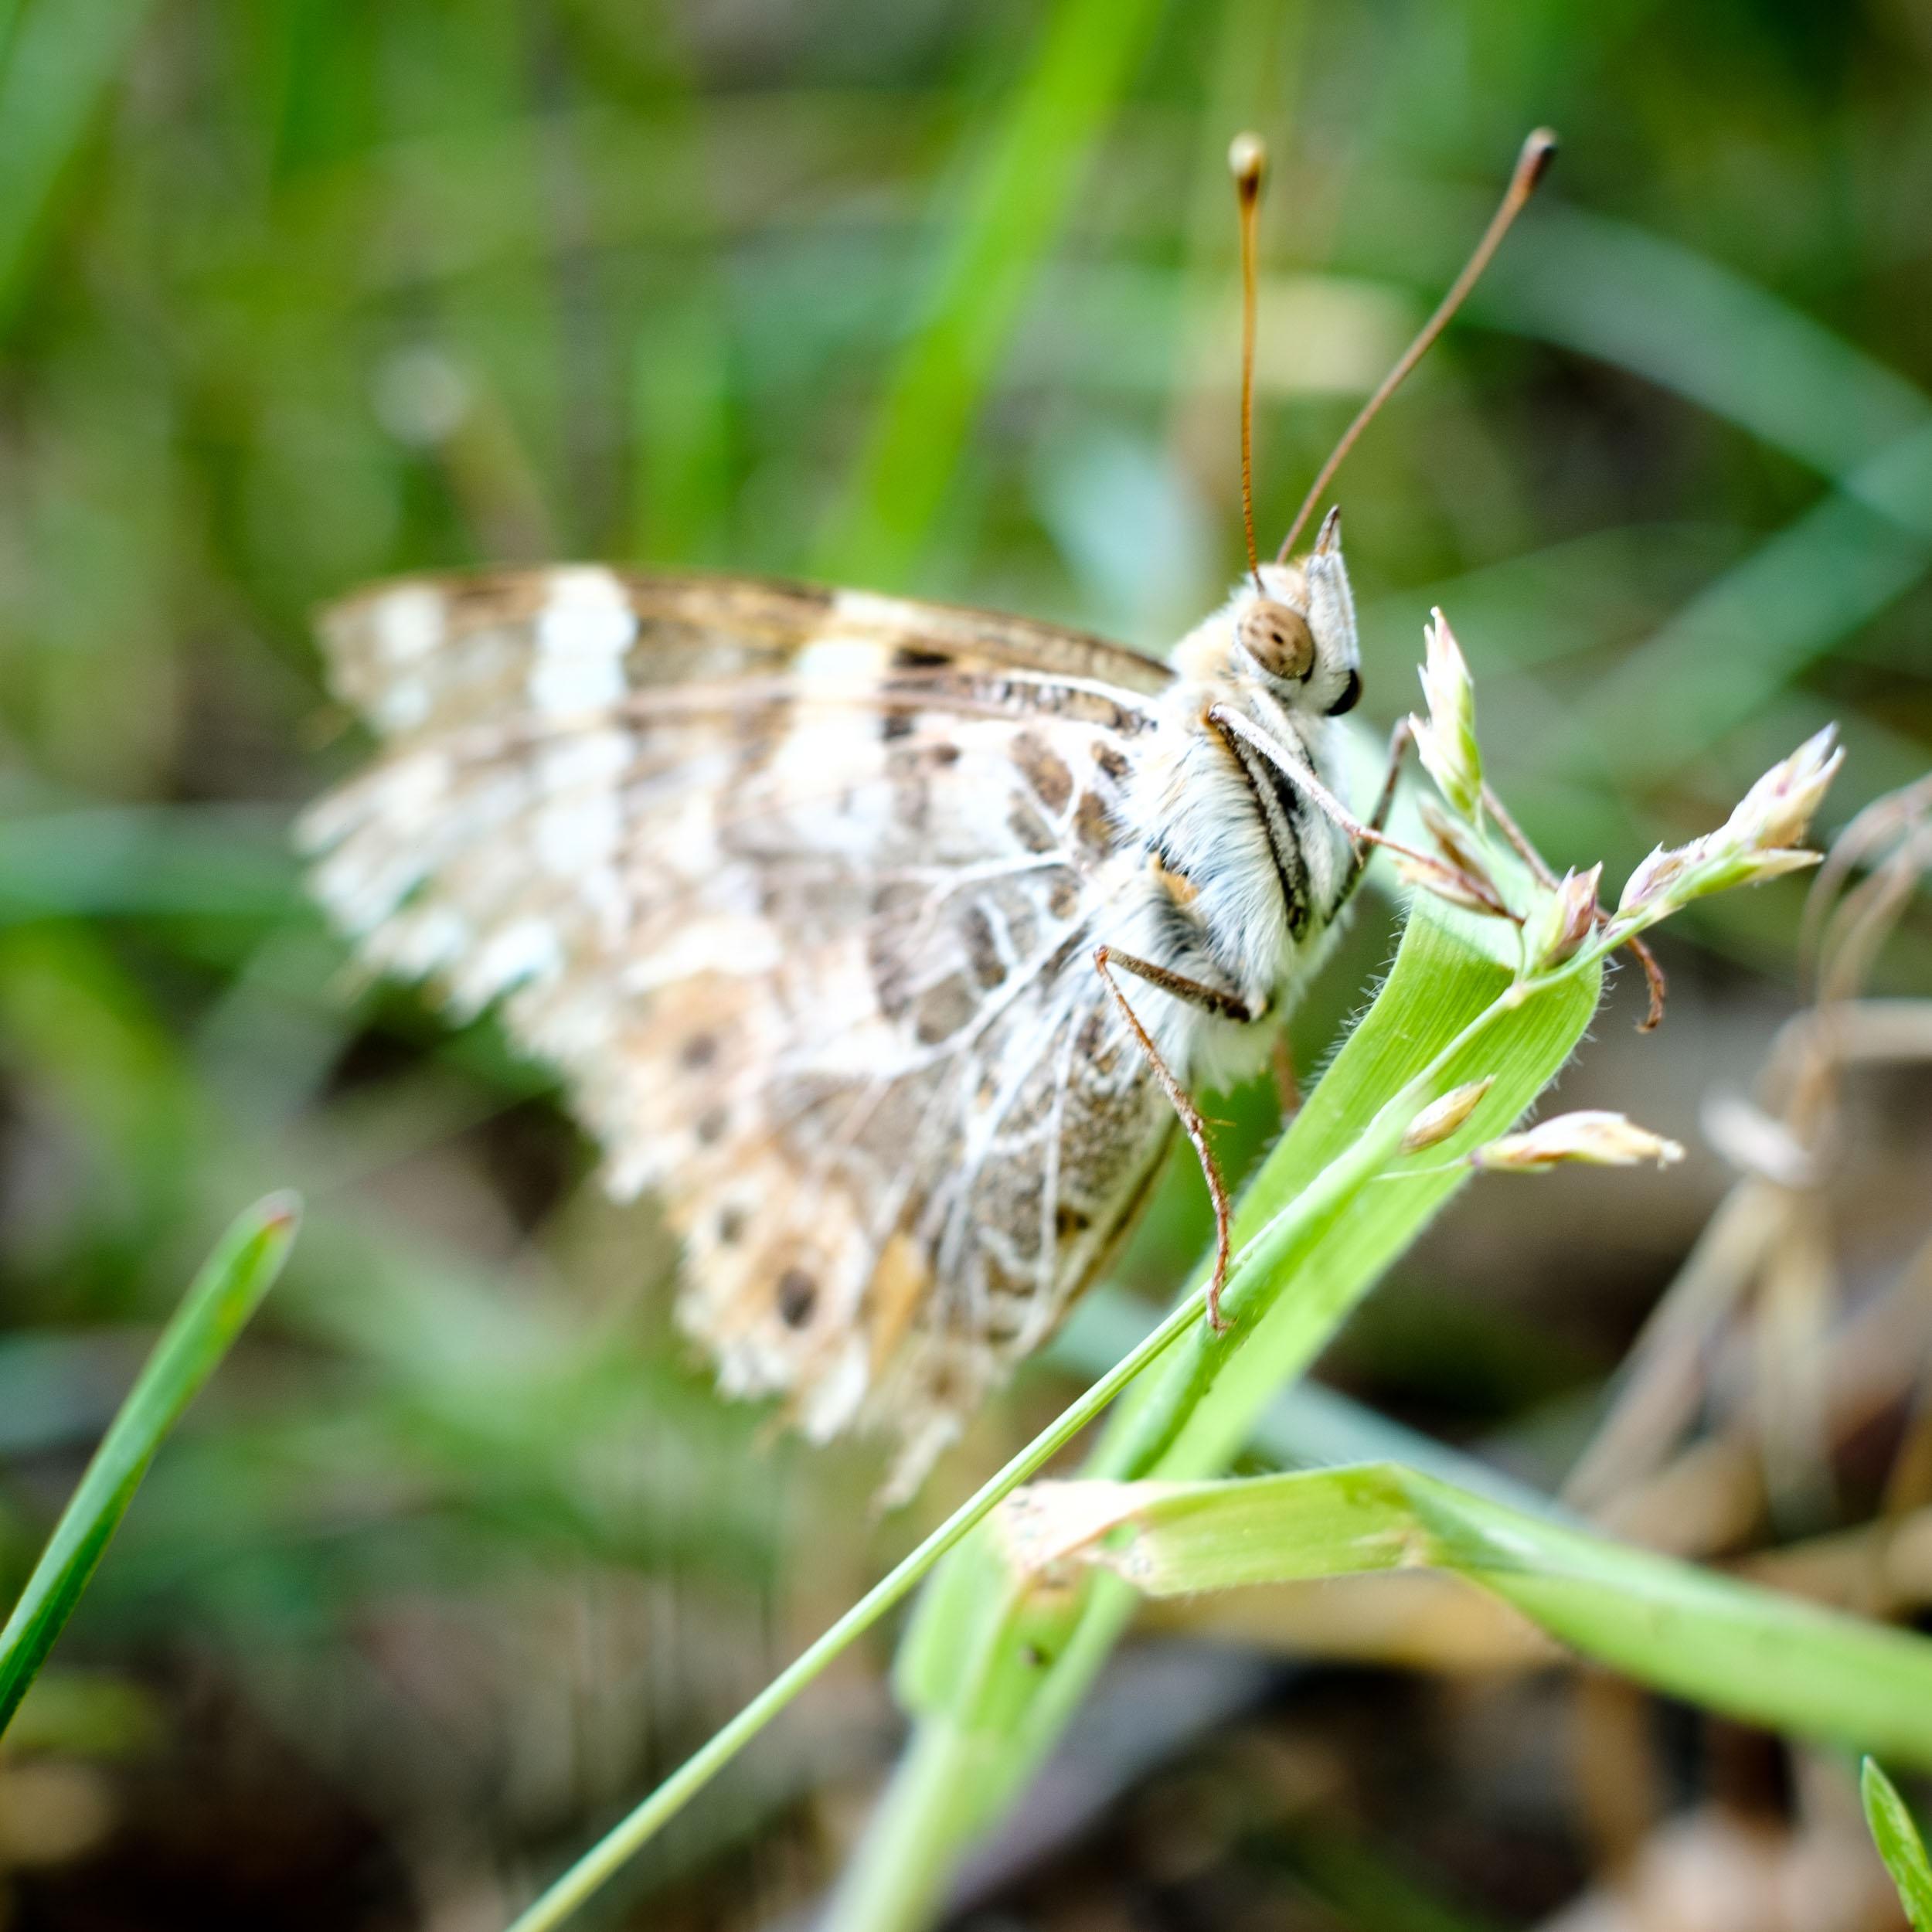 Schmetterling Macrofotografie